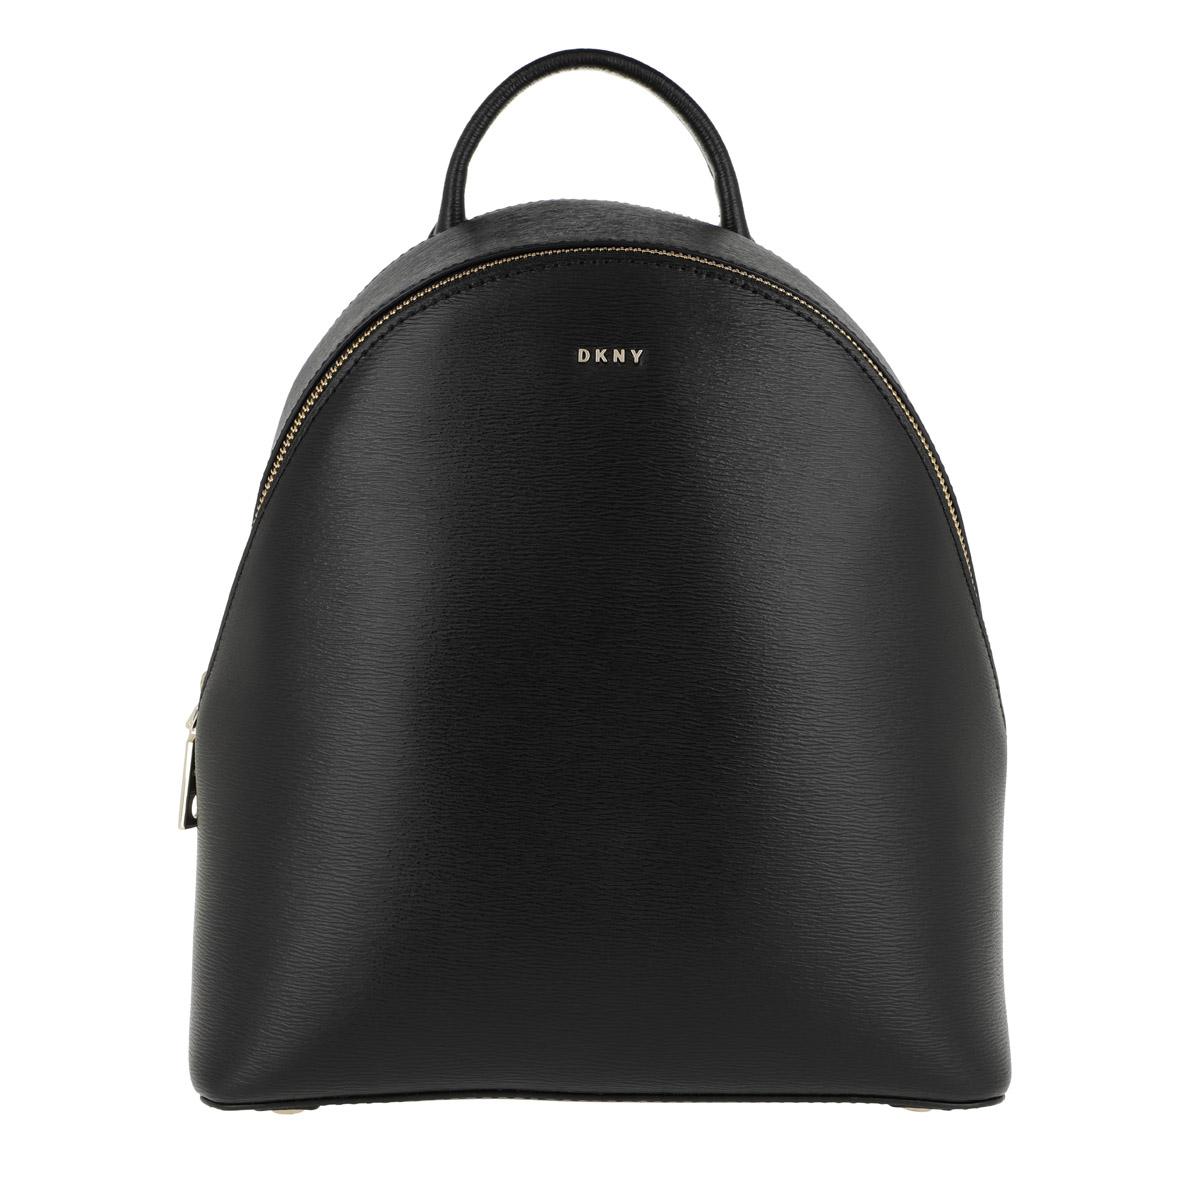 DKNY Rucksack - Bryant Medium Backpack Black/Gold - in schwarz - für Damen